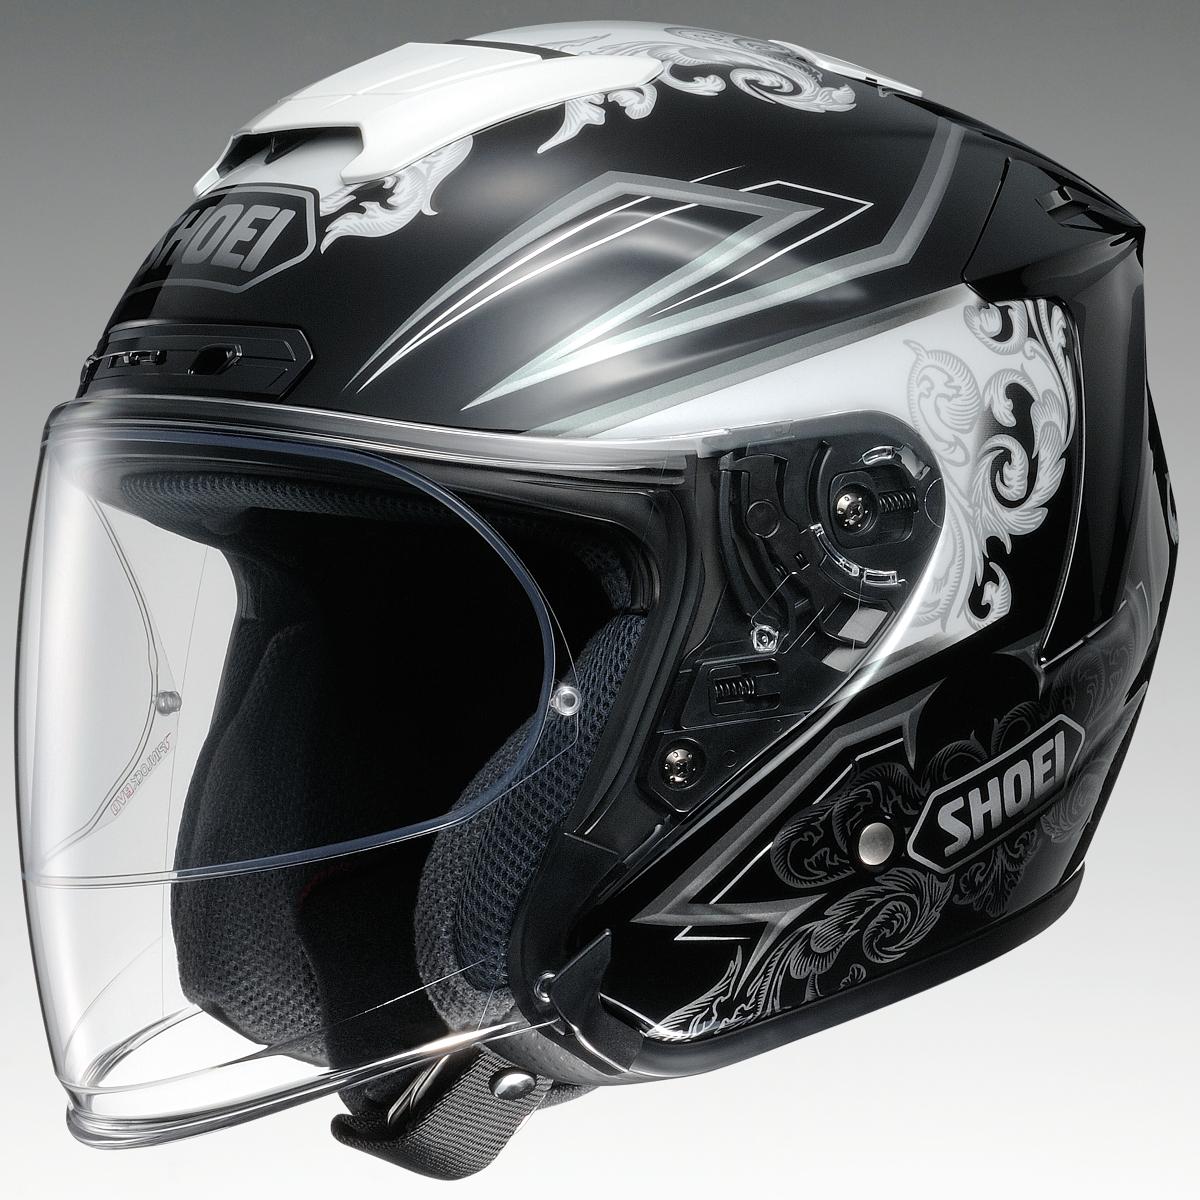 SHOEI ジェットヘルメット J-FORCE4 REFINADO TC-5 WH/BK XSサイズ